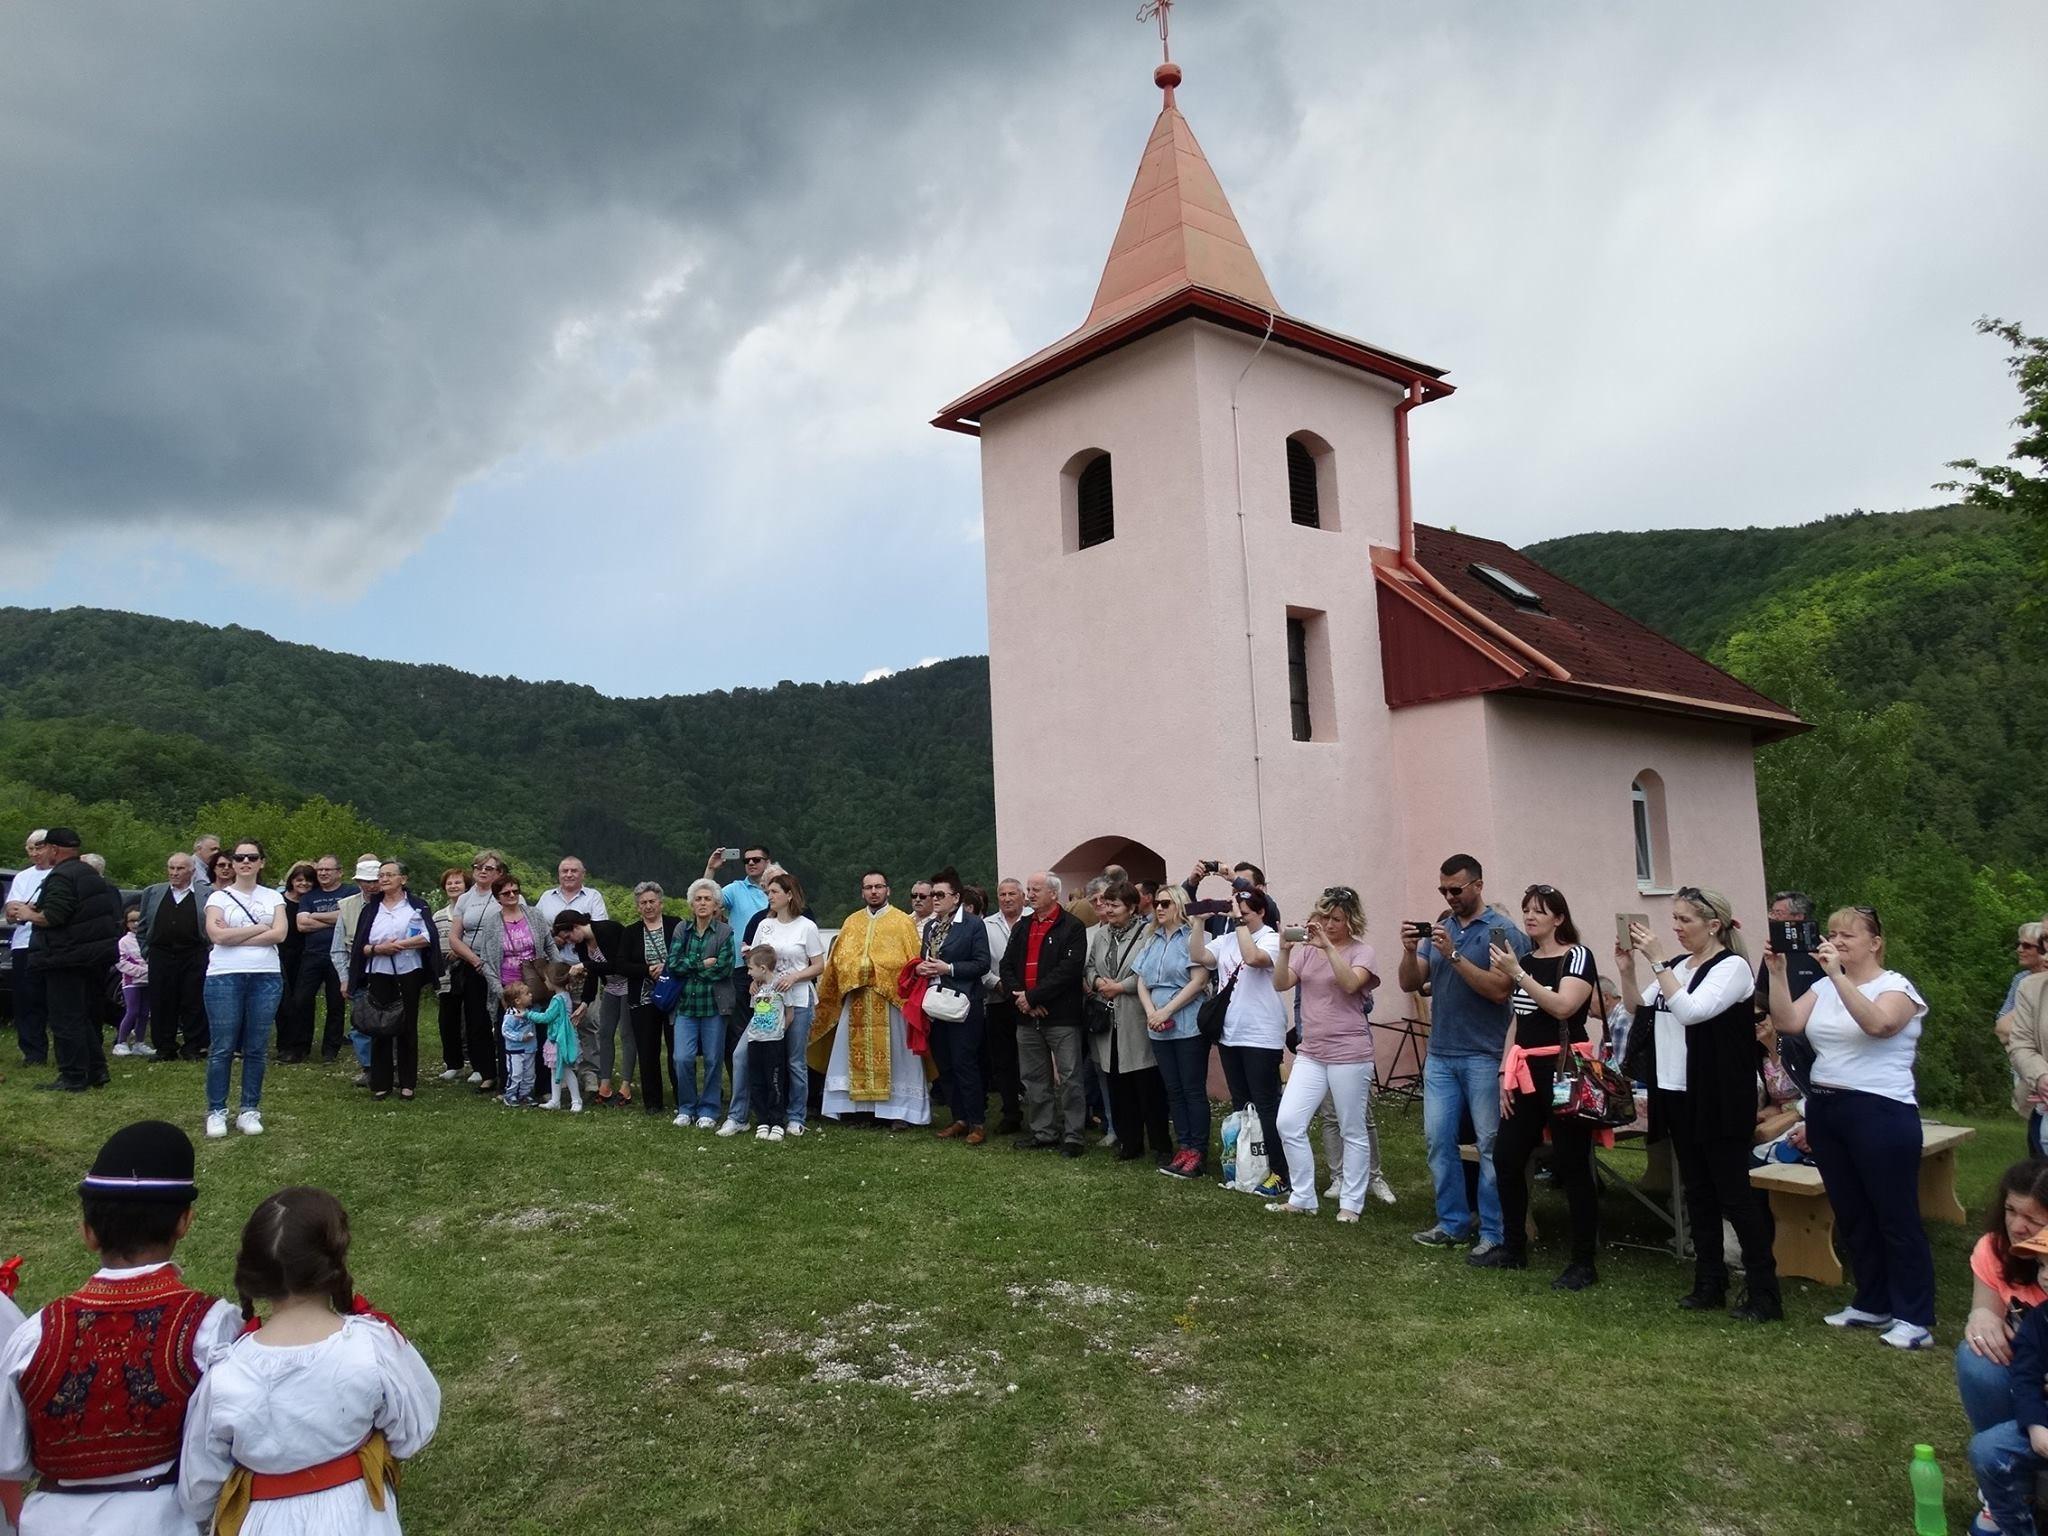 Proslava sv. Ćirila i Metoda u žumberačkom selu Kekići